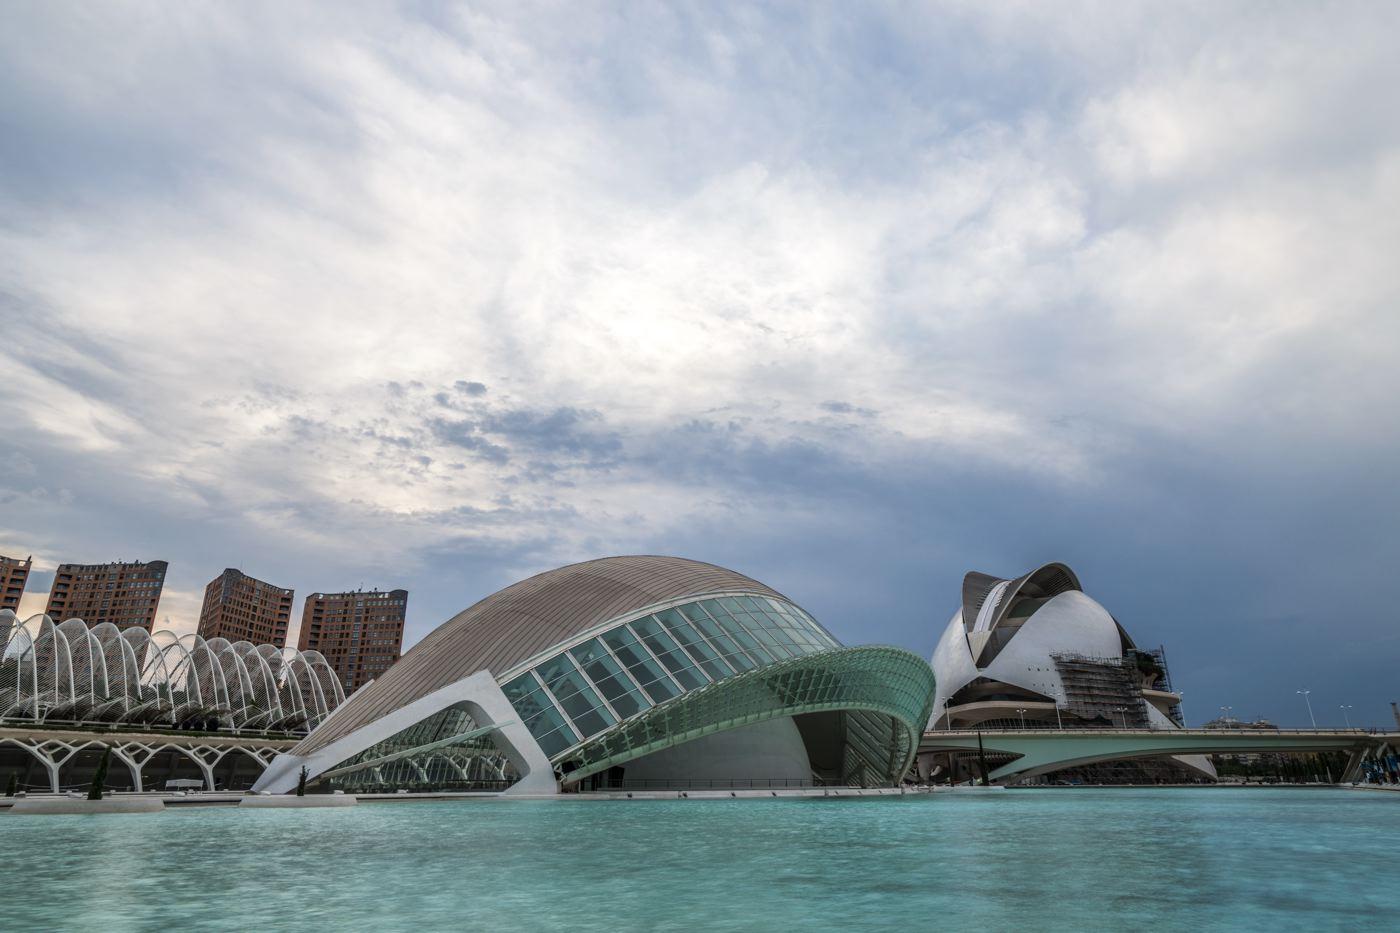 LDKphoto_Valencia-Ciudad de las Artes y las Ciencias-031.jpg